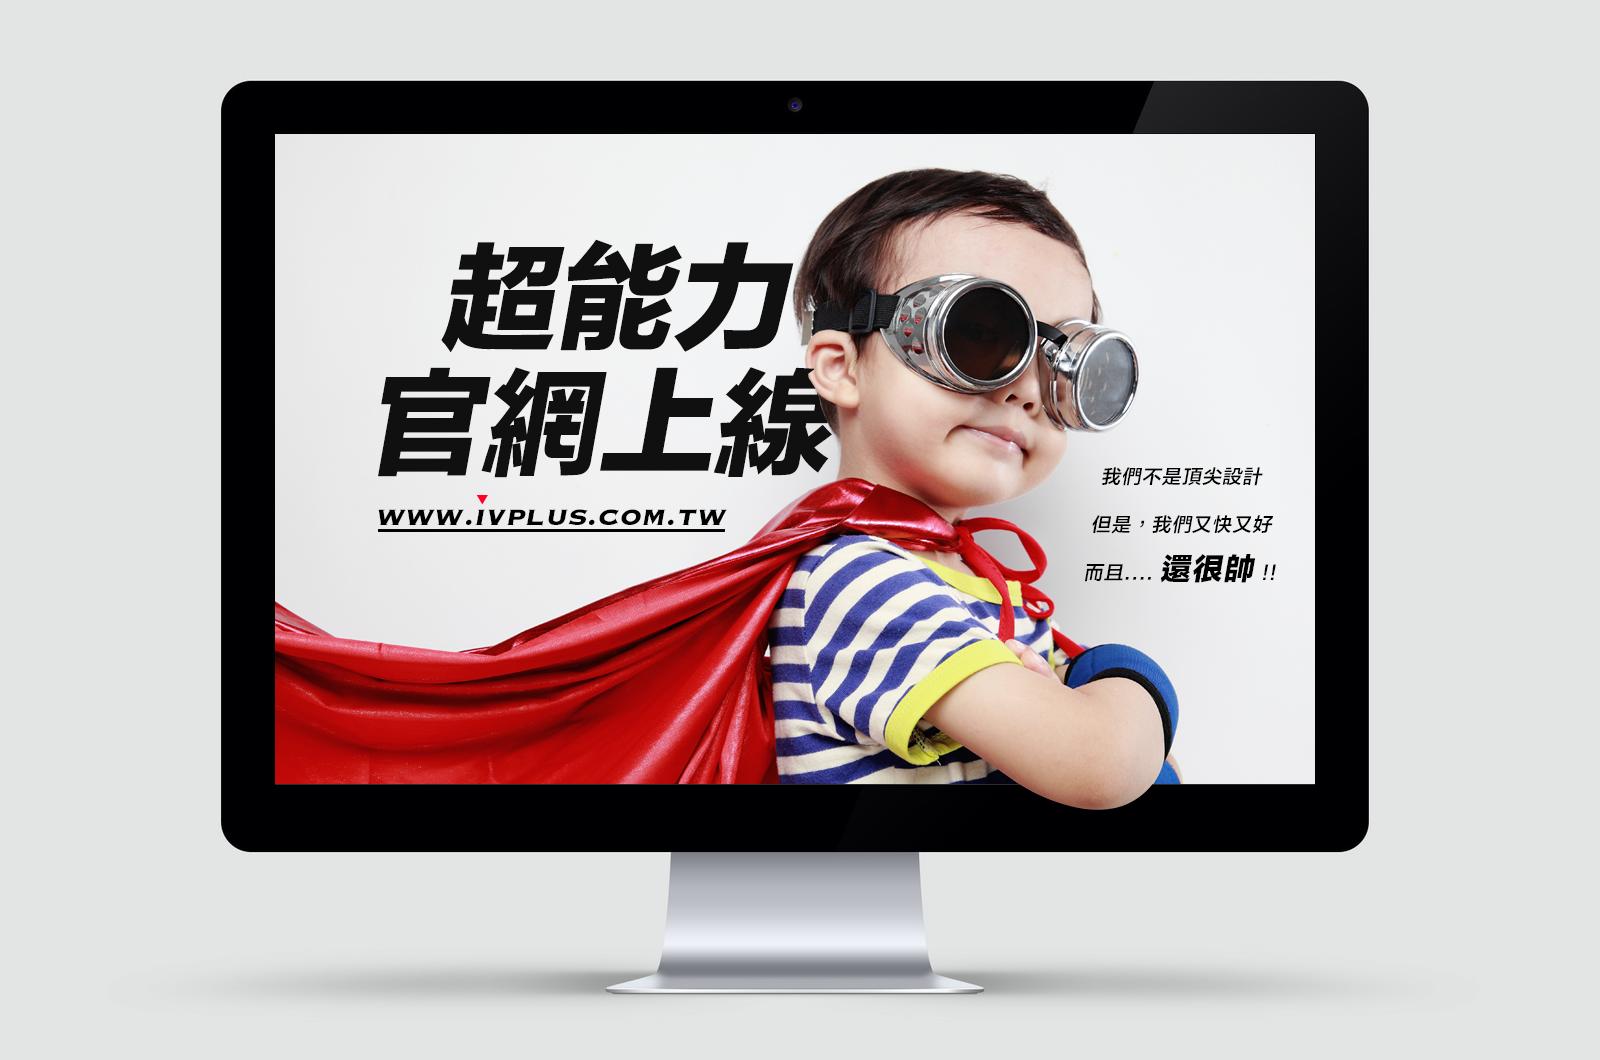 超能力官網改版